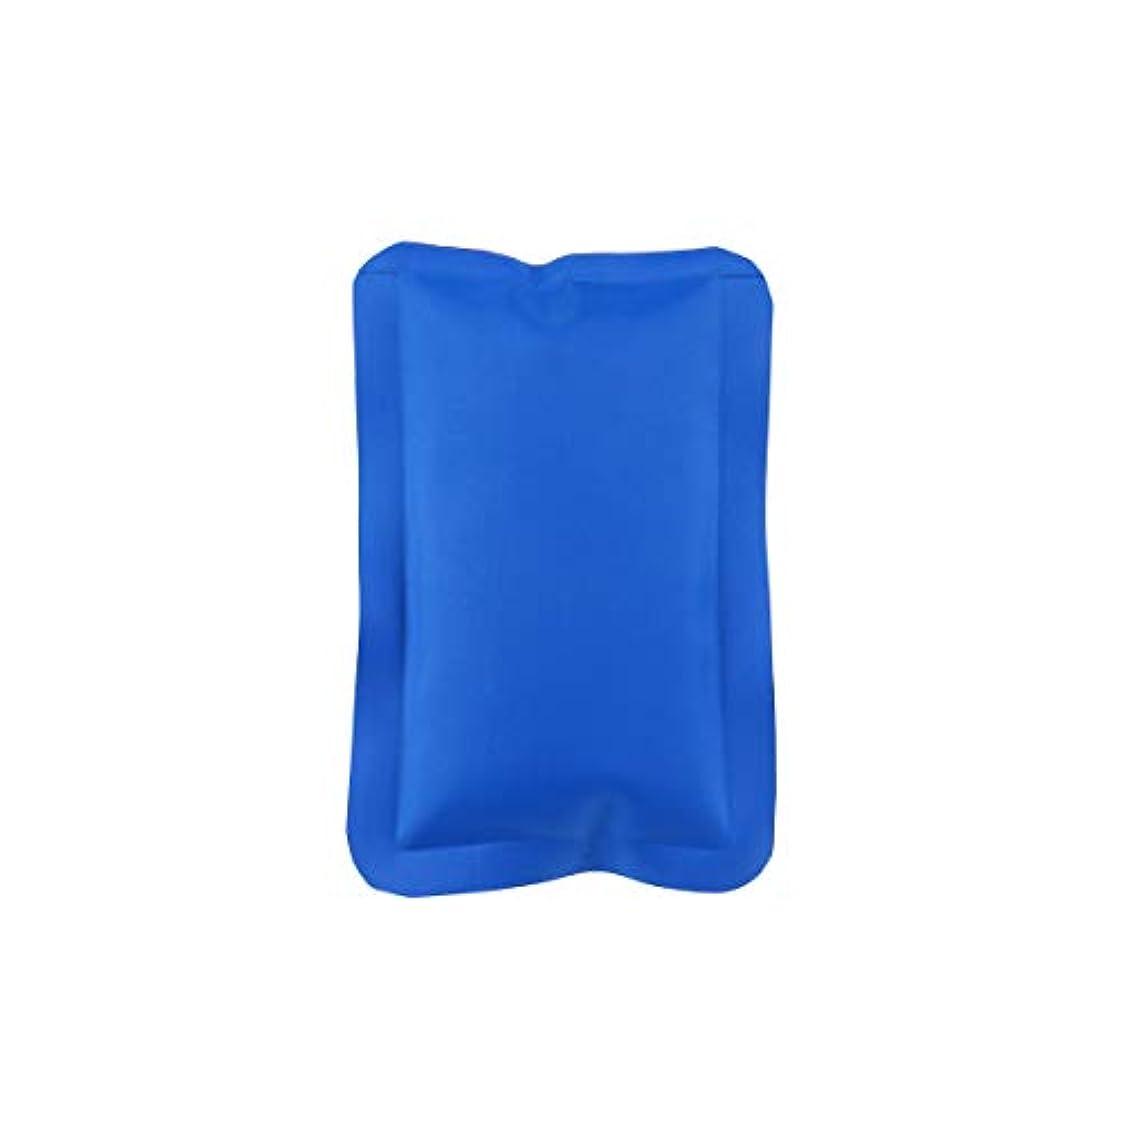 柔らかいテキスト舌HEALLILY 150ML再利用可能なホット&コールドジェルパック(コンプレッションラップスポーツ傷害)ジェルアイスパック多目的ヒートパック(マッスルリリーフ用、16x10x1cm、ブルー)